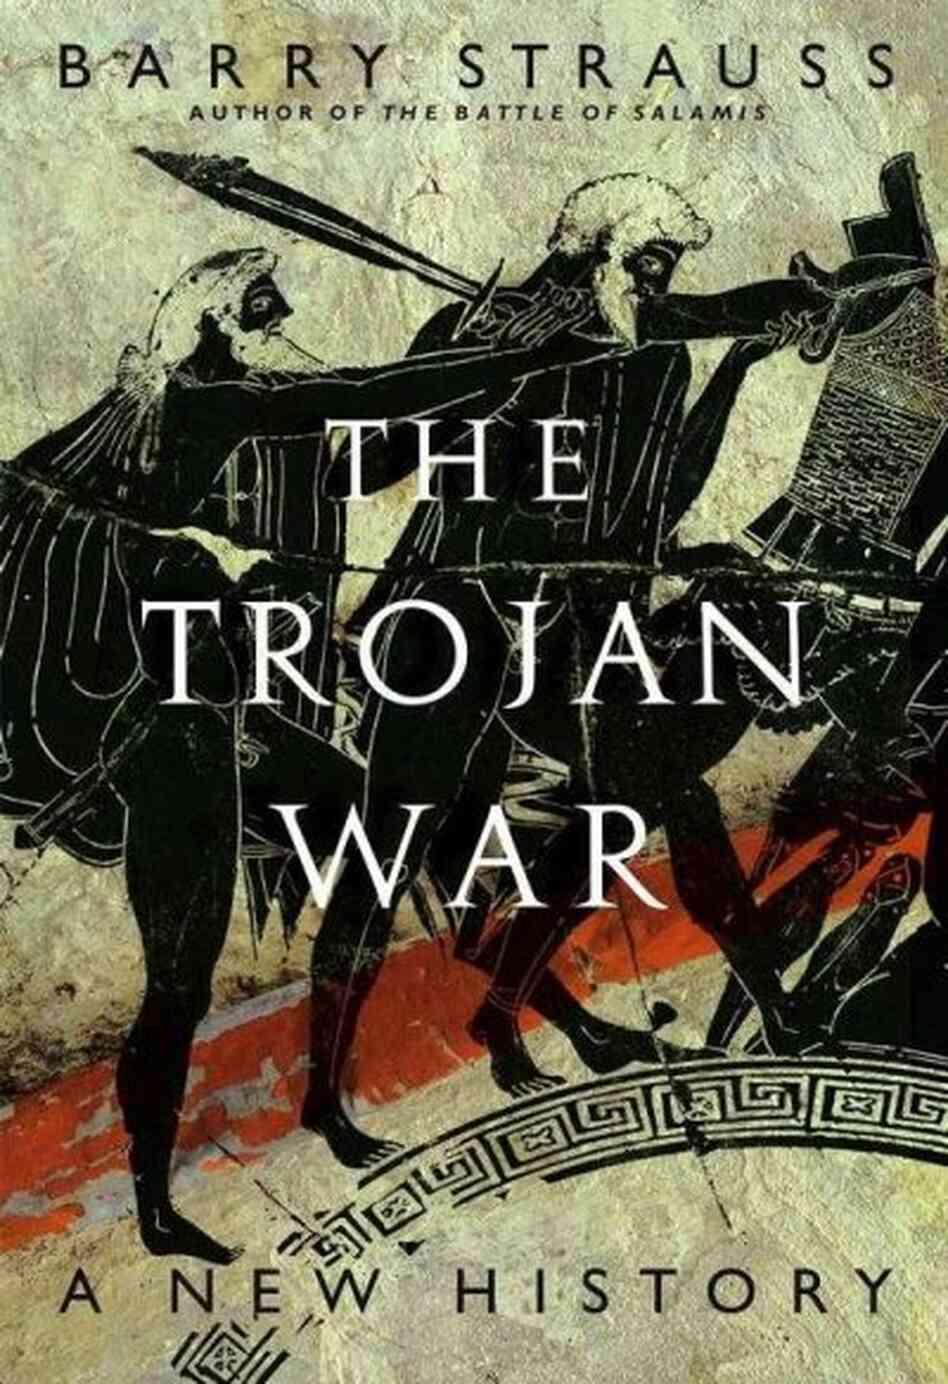 The trojan war?